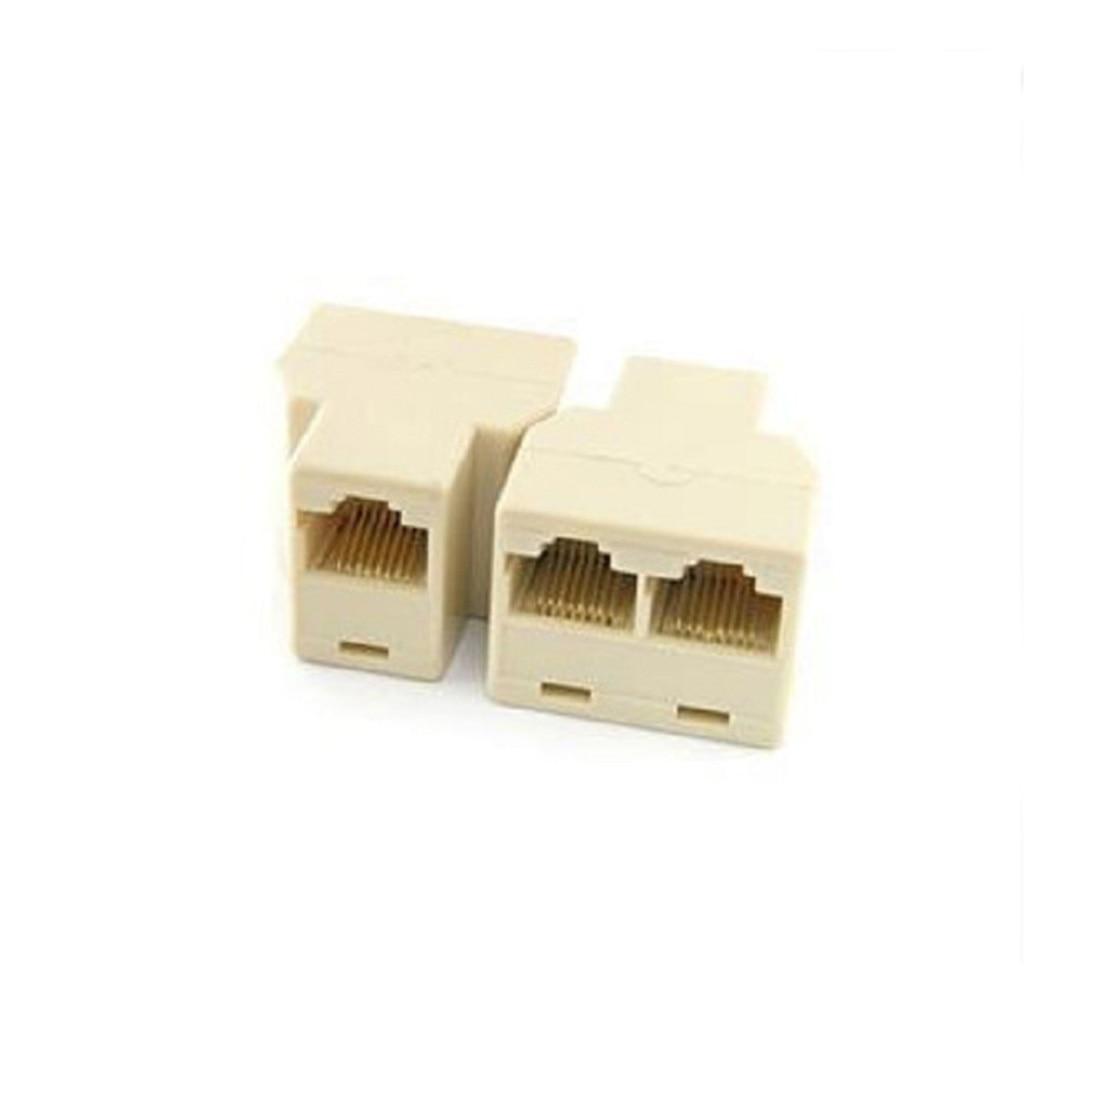 Marsnaska RJ45 Splitter Connector CAT5 LAN Ethernet Splitter Adapter 8P8C Network Dual